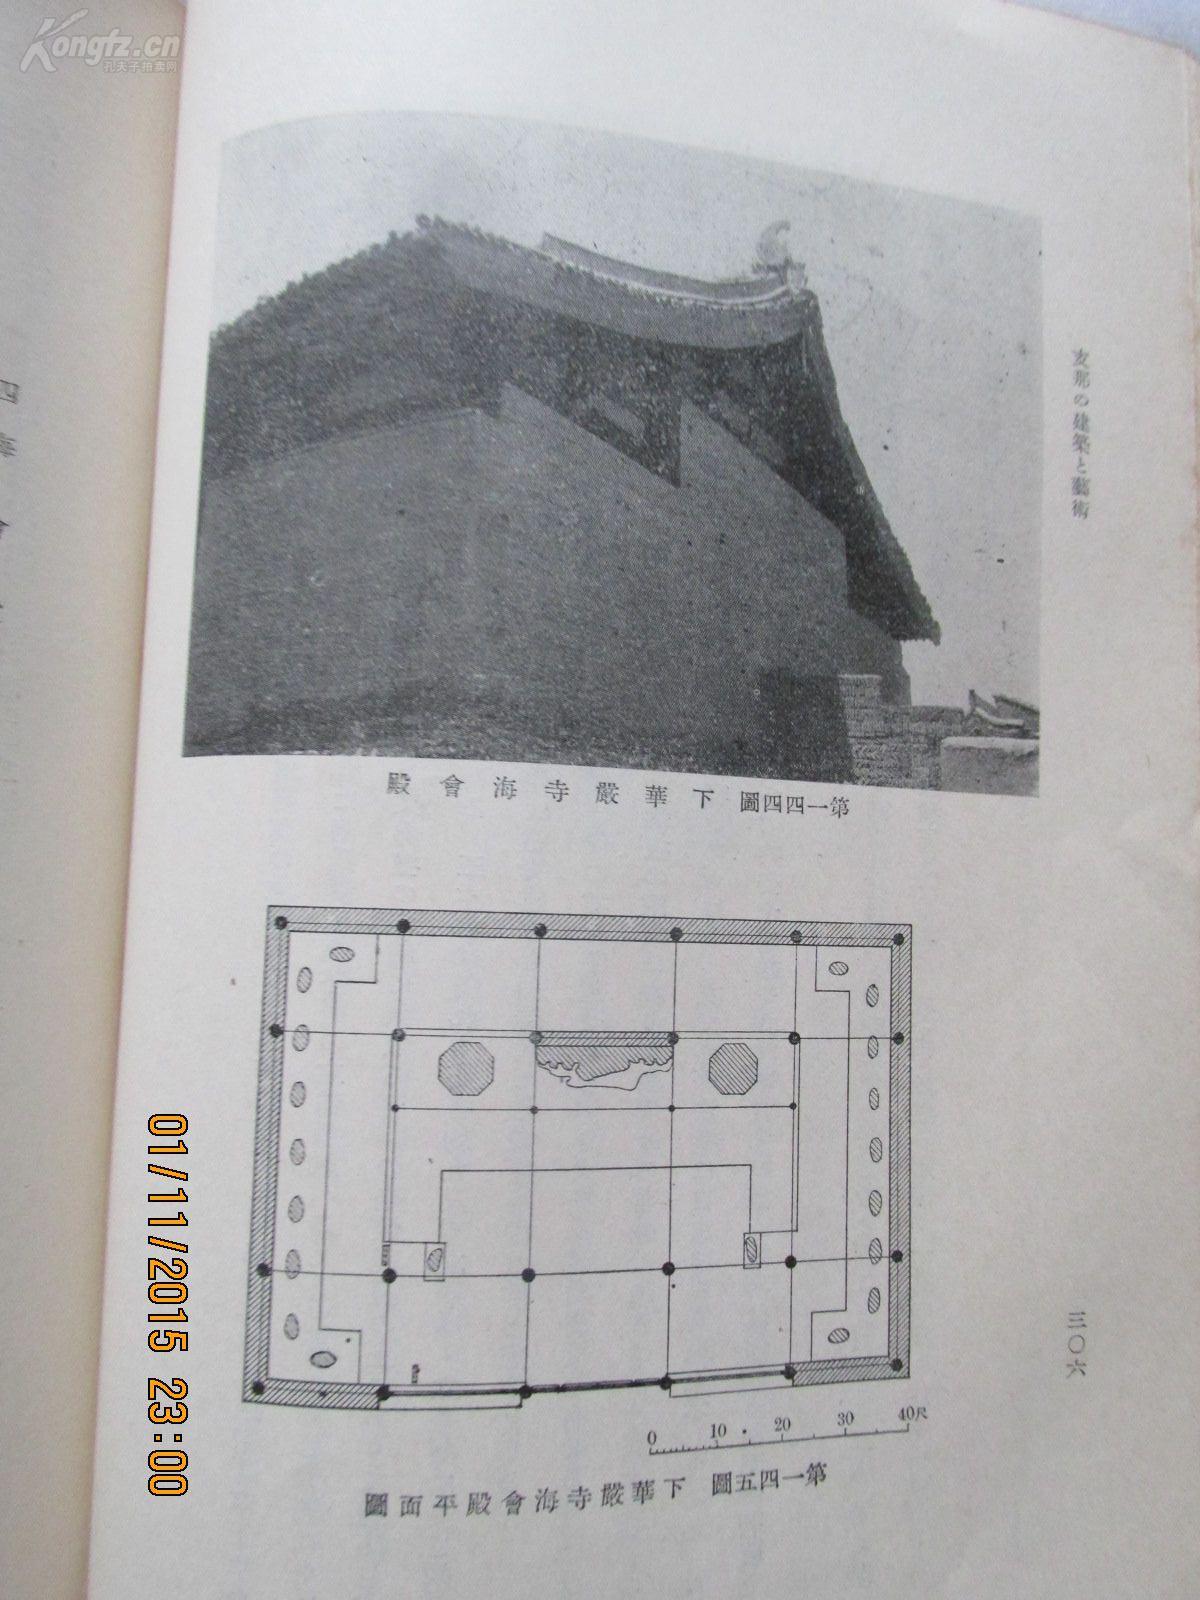 《支那的建筑和艺术》一巨厚册800多页上海凡亚景观设计v支那图片